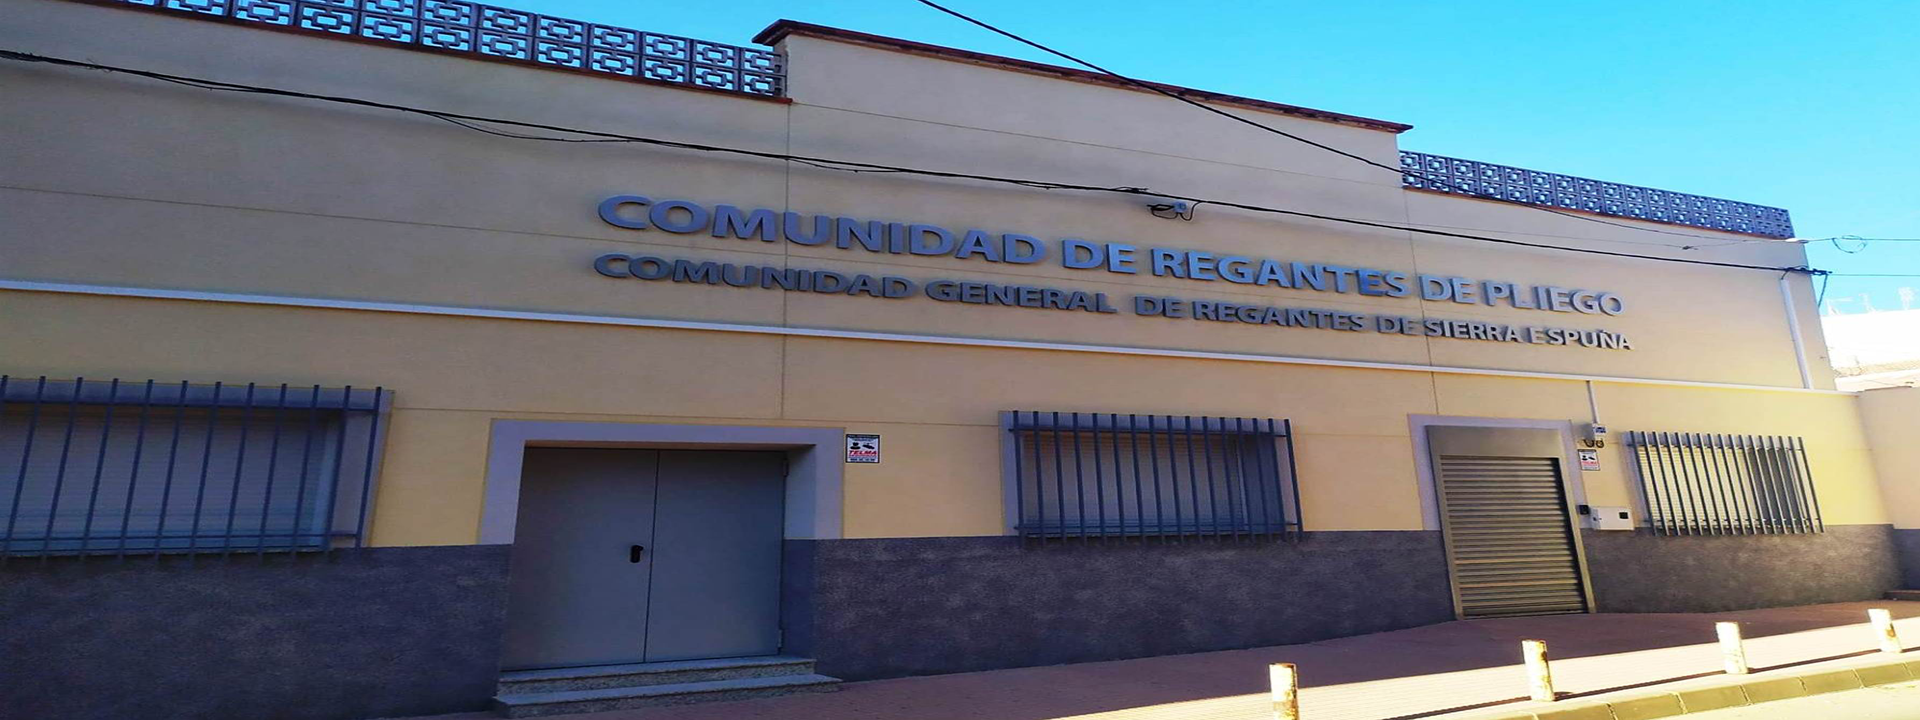 Sede de la Comunidad de Regantes